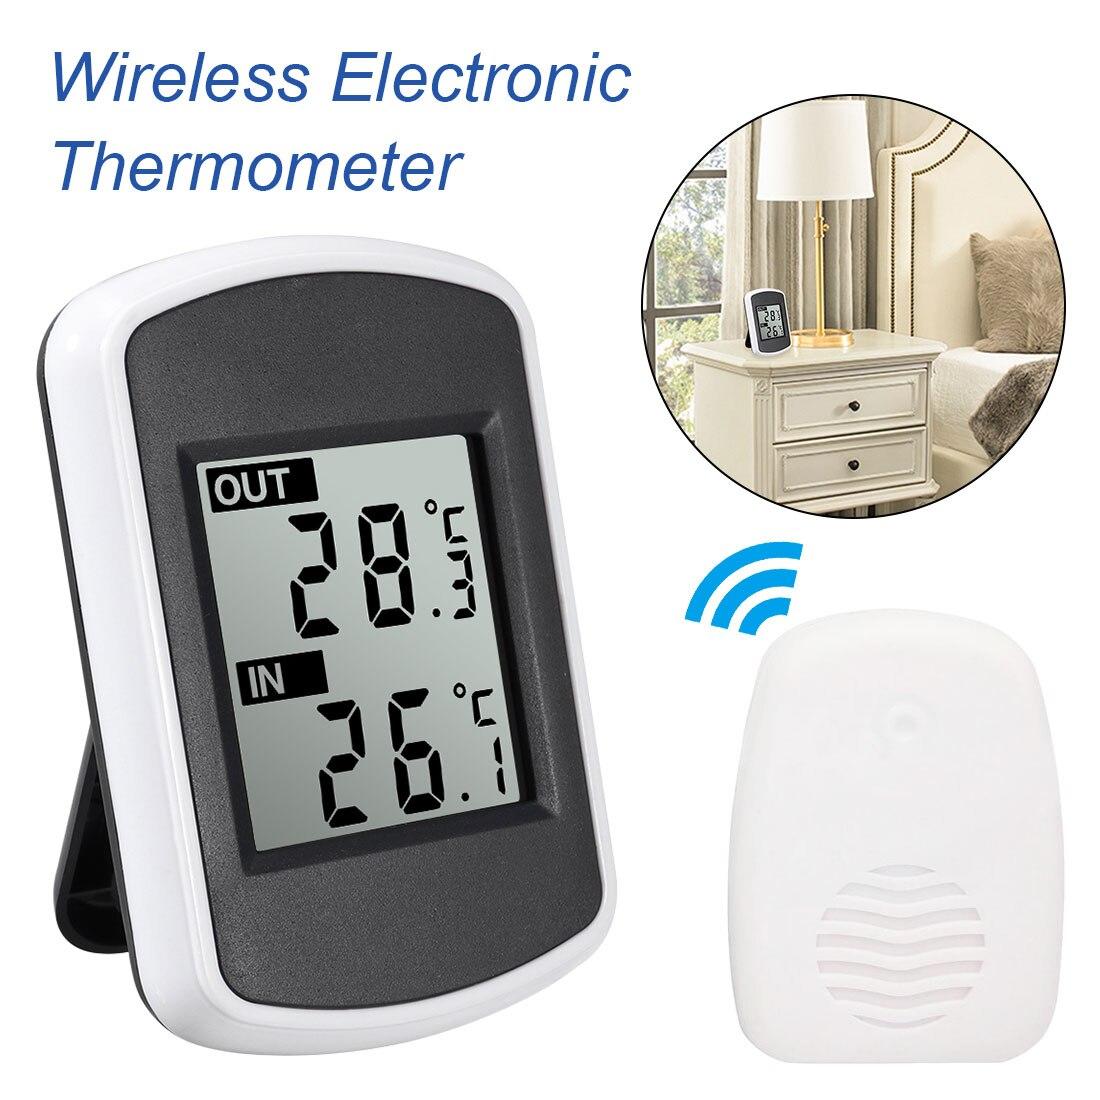 433 MHz Faixa de Transmissão Ambiente Digital LCD Sem Fio Estação Meteorológica Sem Fio 120 Pés Interior Termômetro Ao Ar Livre